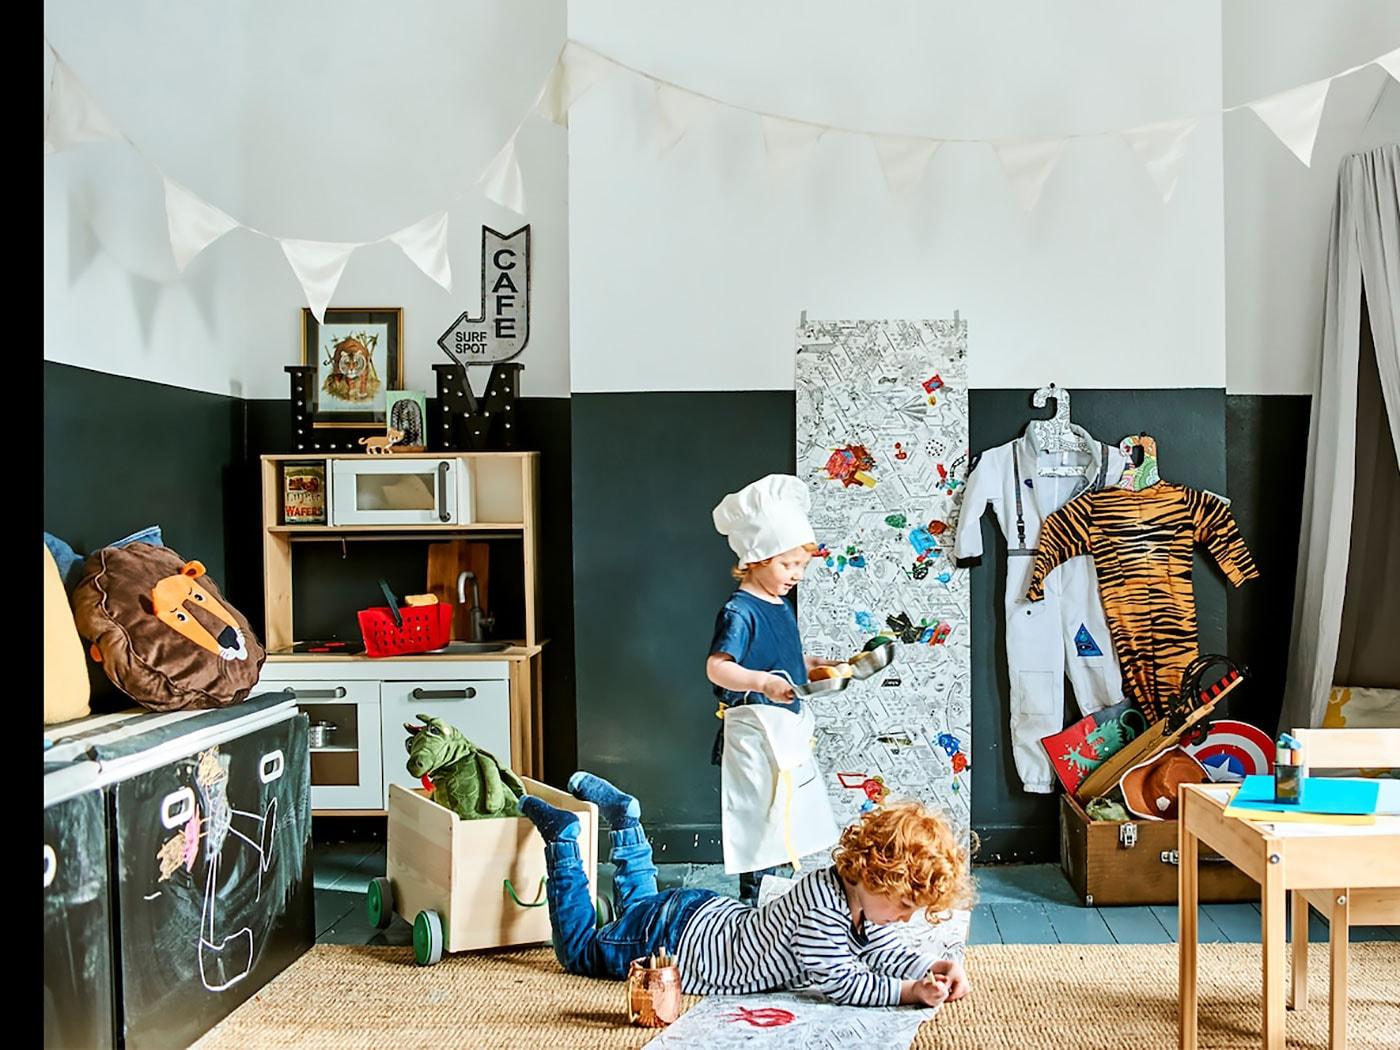 IKEA játékokkal játszó gyerekek a nappaliban.